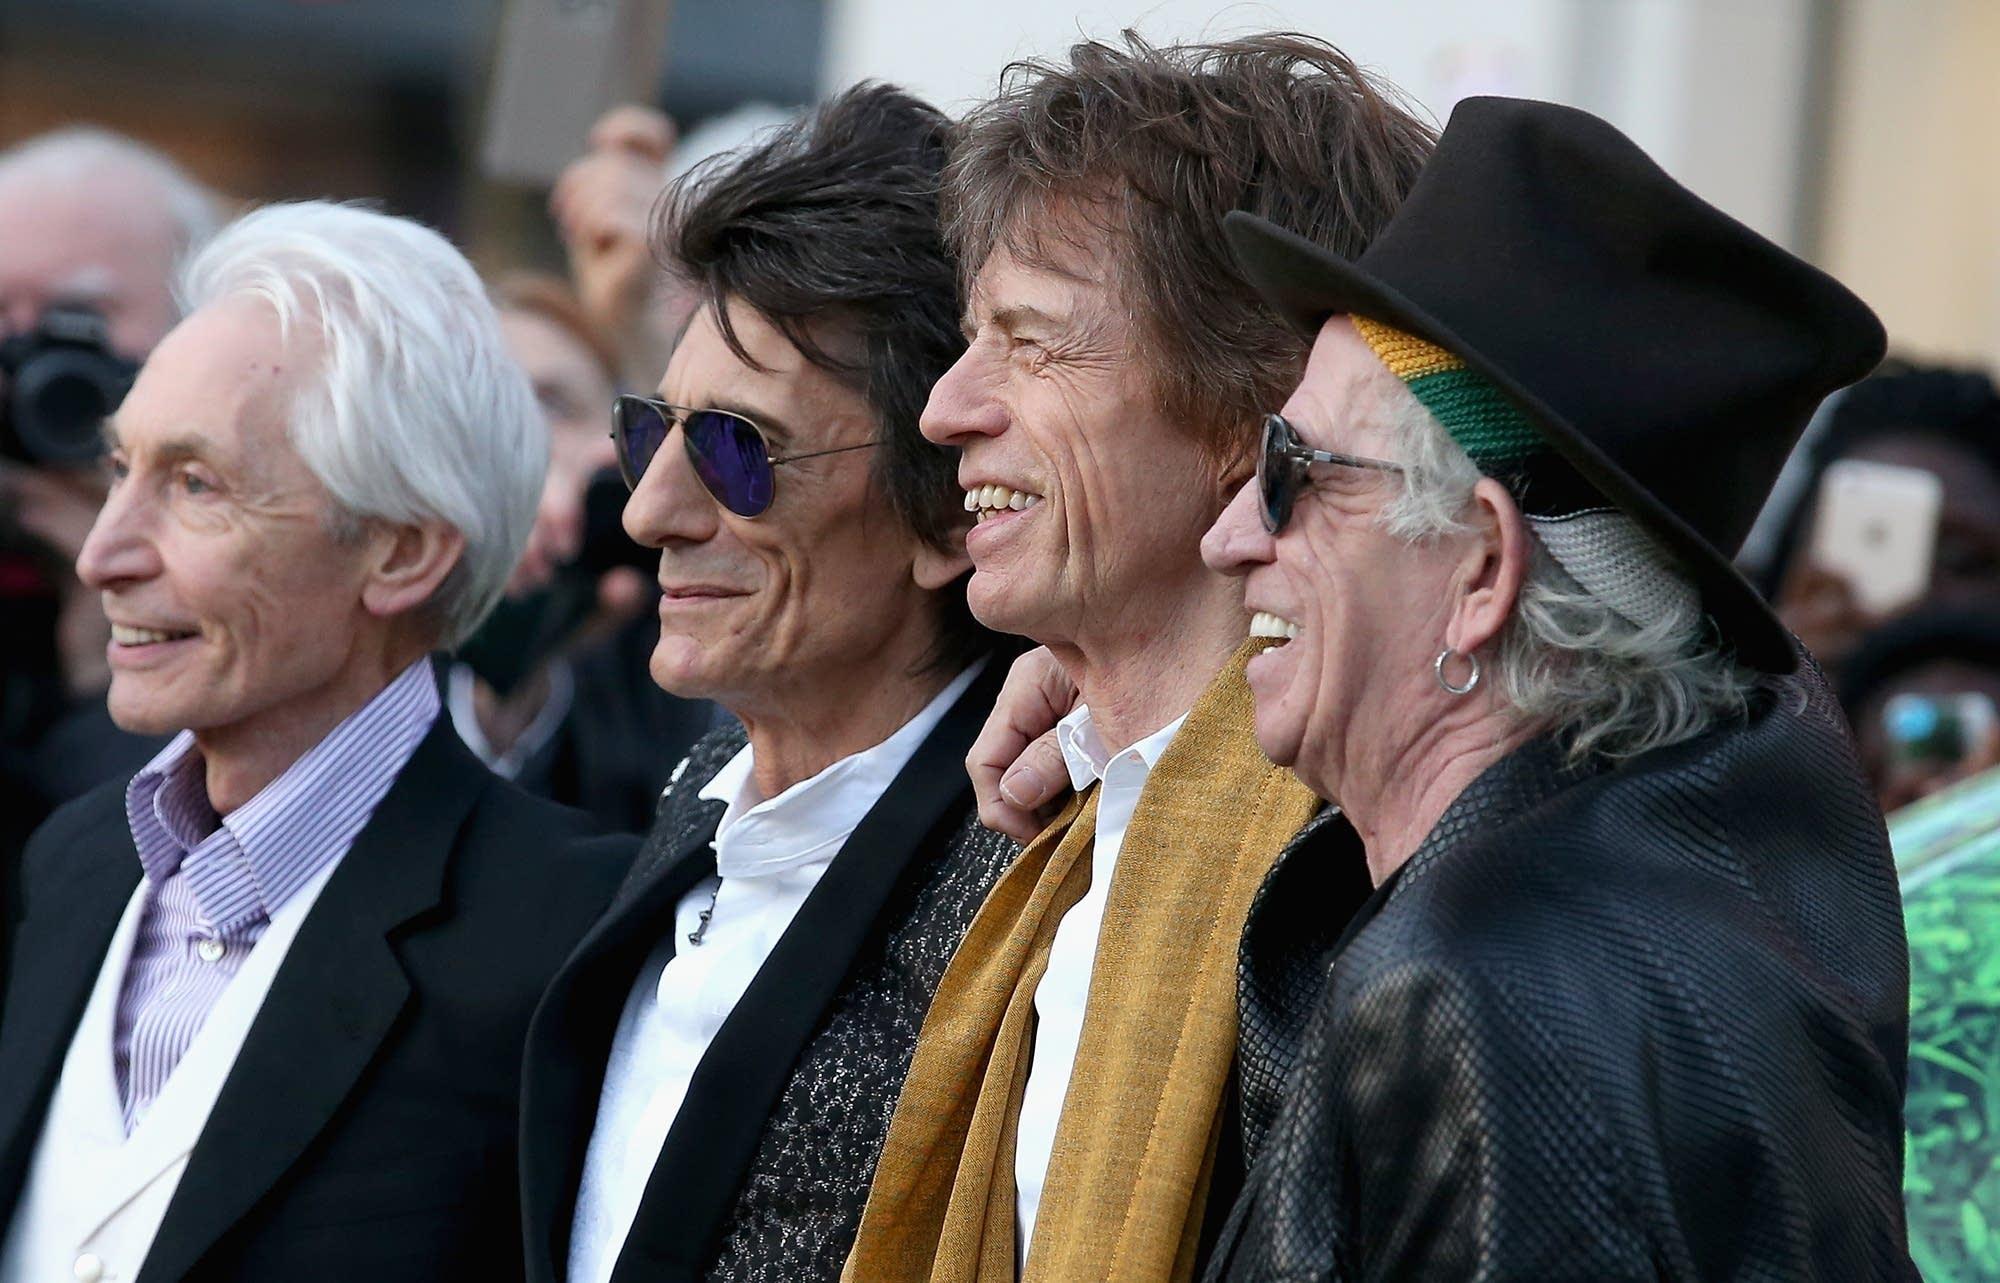 Watts, Wood, Jagger, and Richards